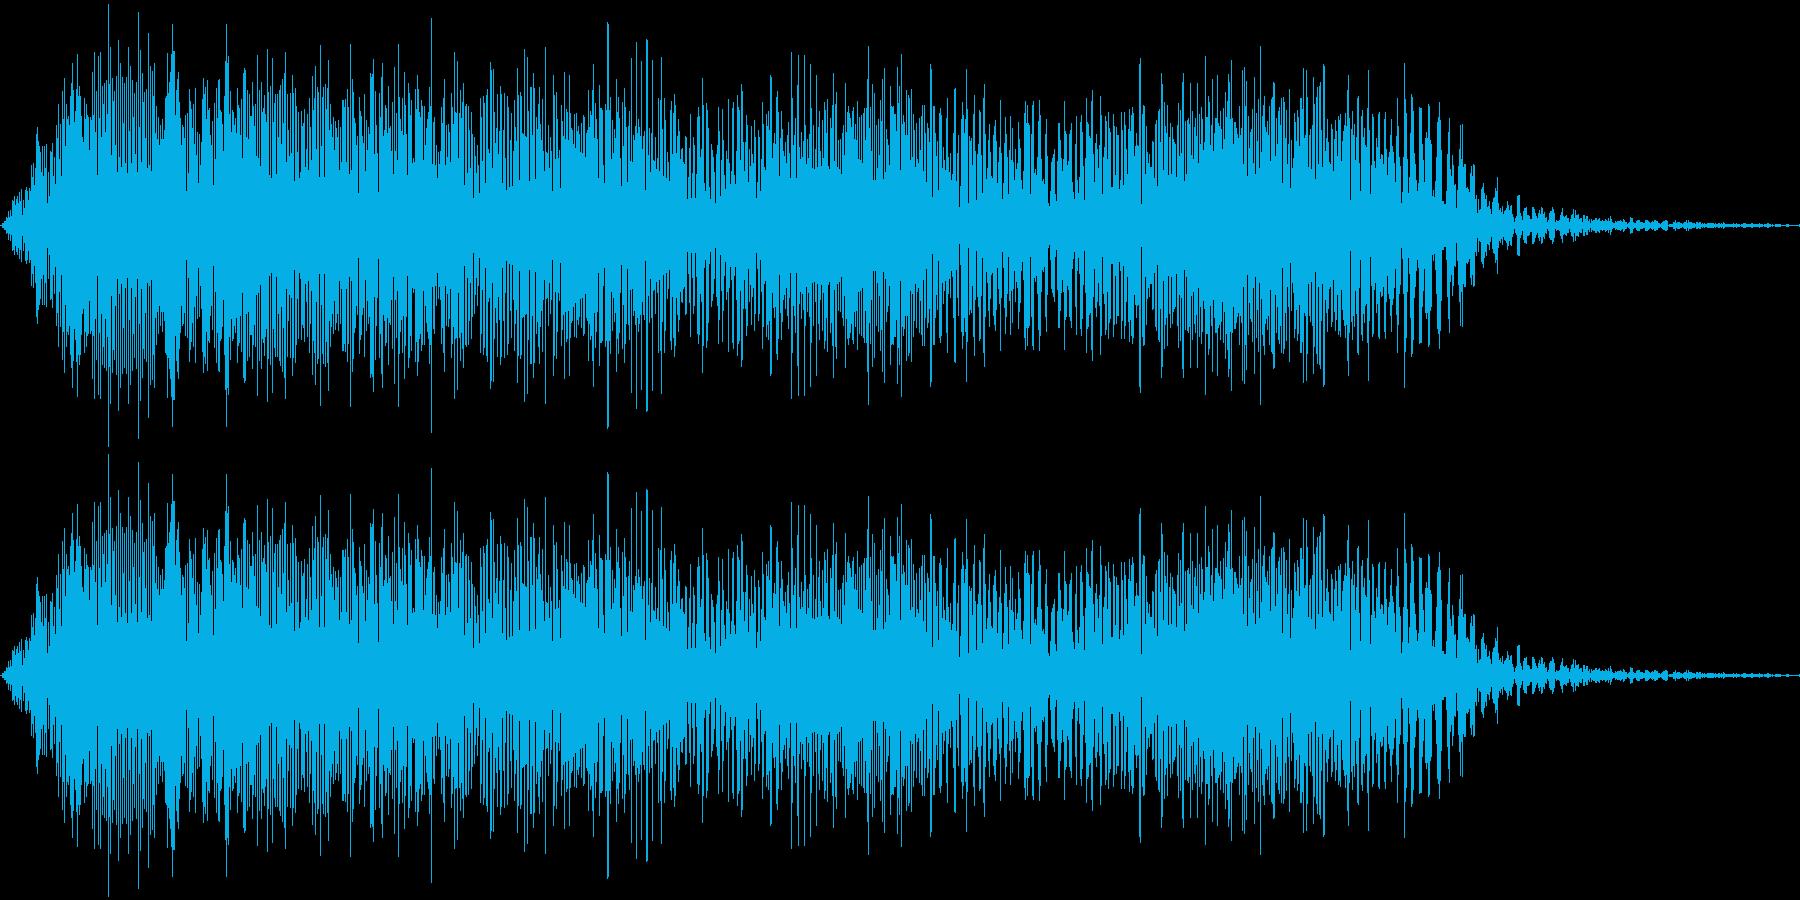 ヒュィィーン(下降)_コミカルな失敗音の再生済みの波形